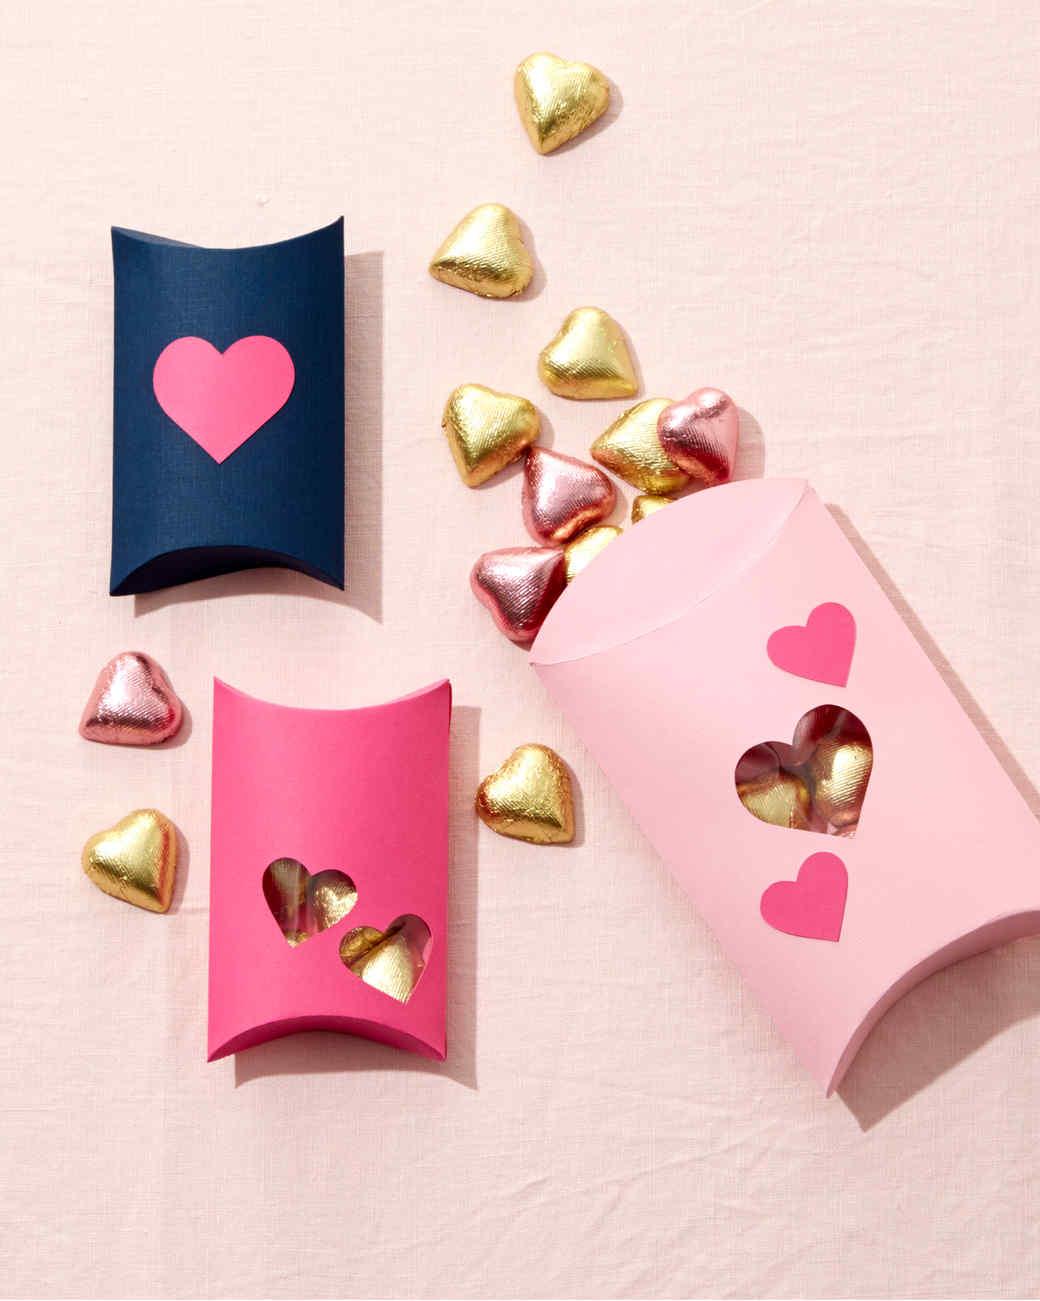 como hacer una caja de cartulina con corazones, regalos san valentin manualidades ideas originales